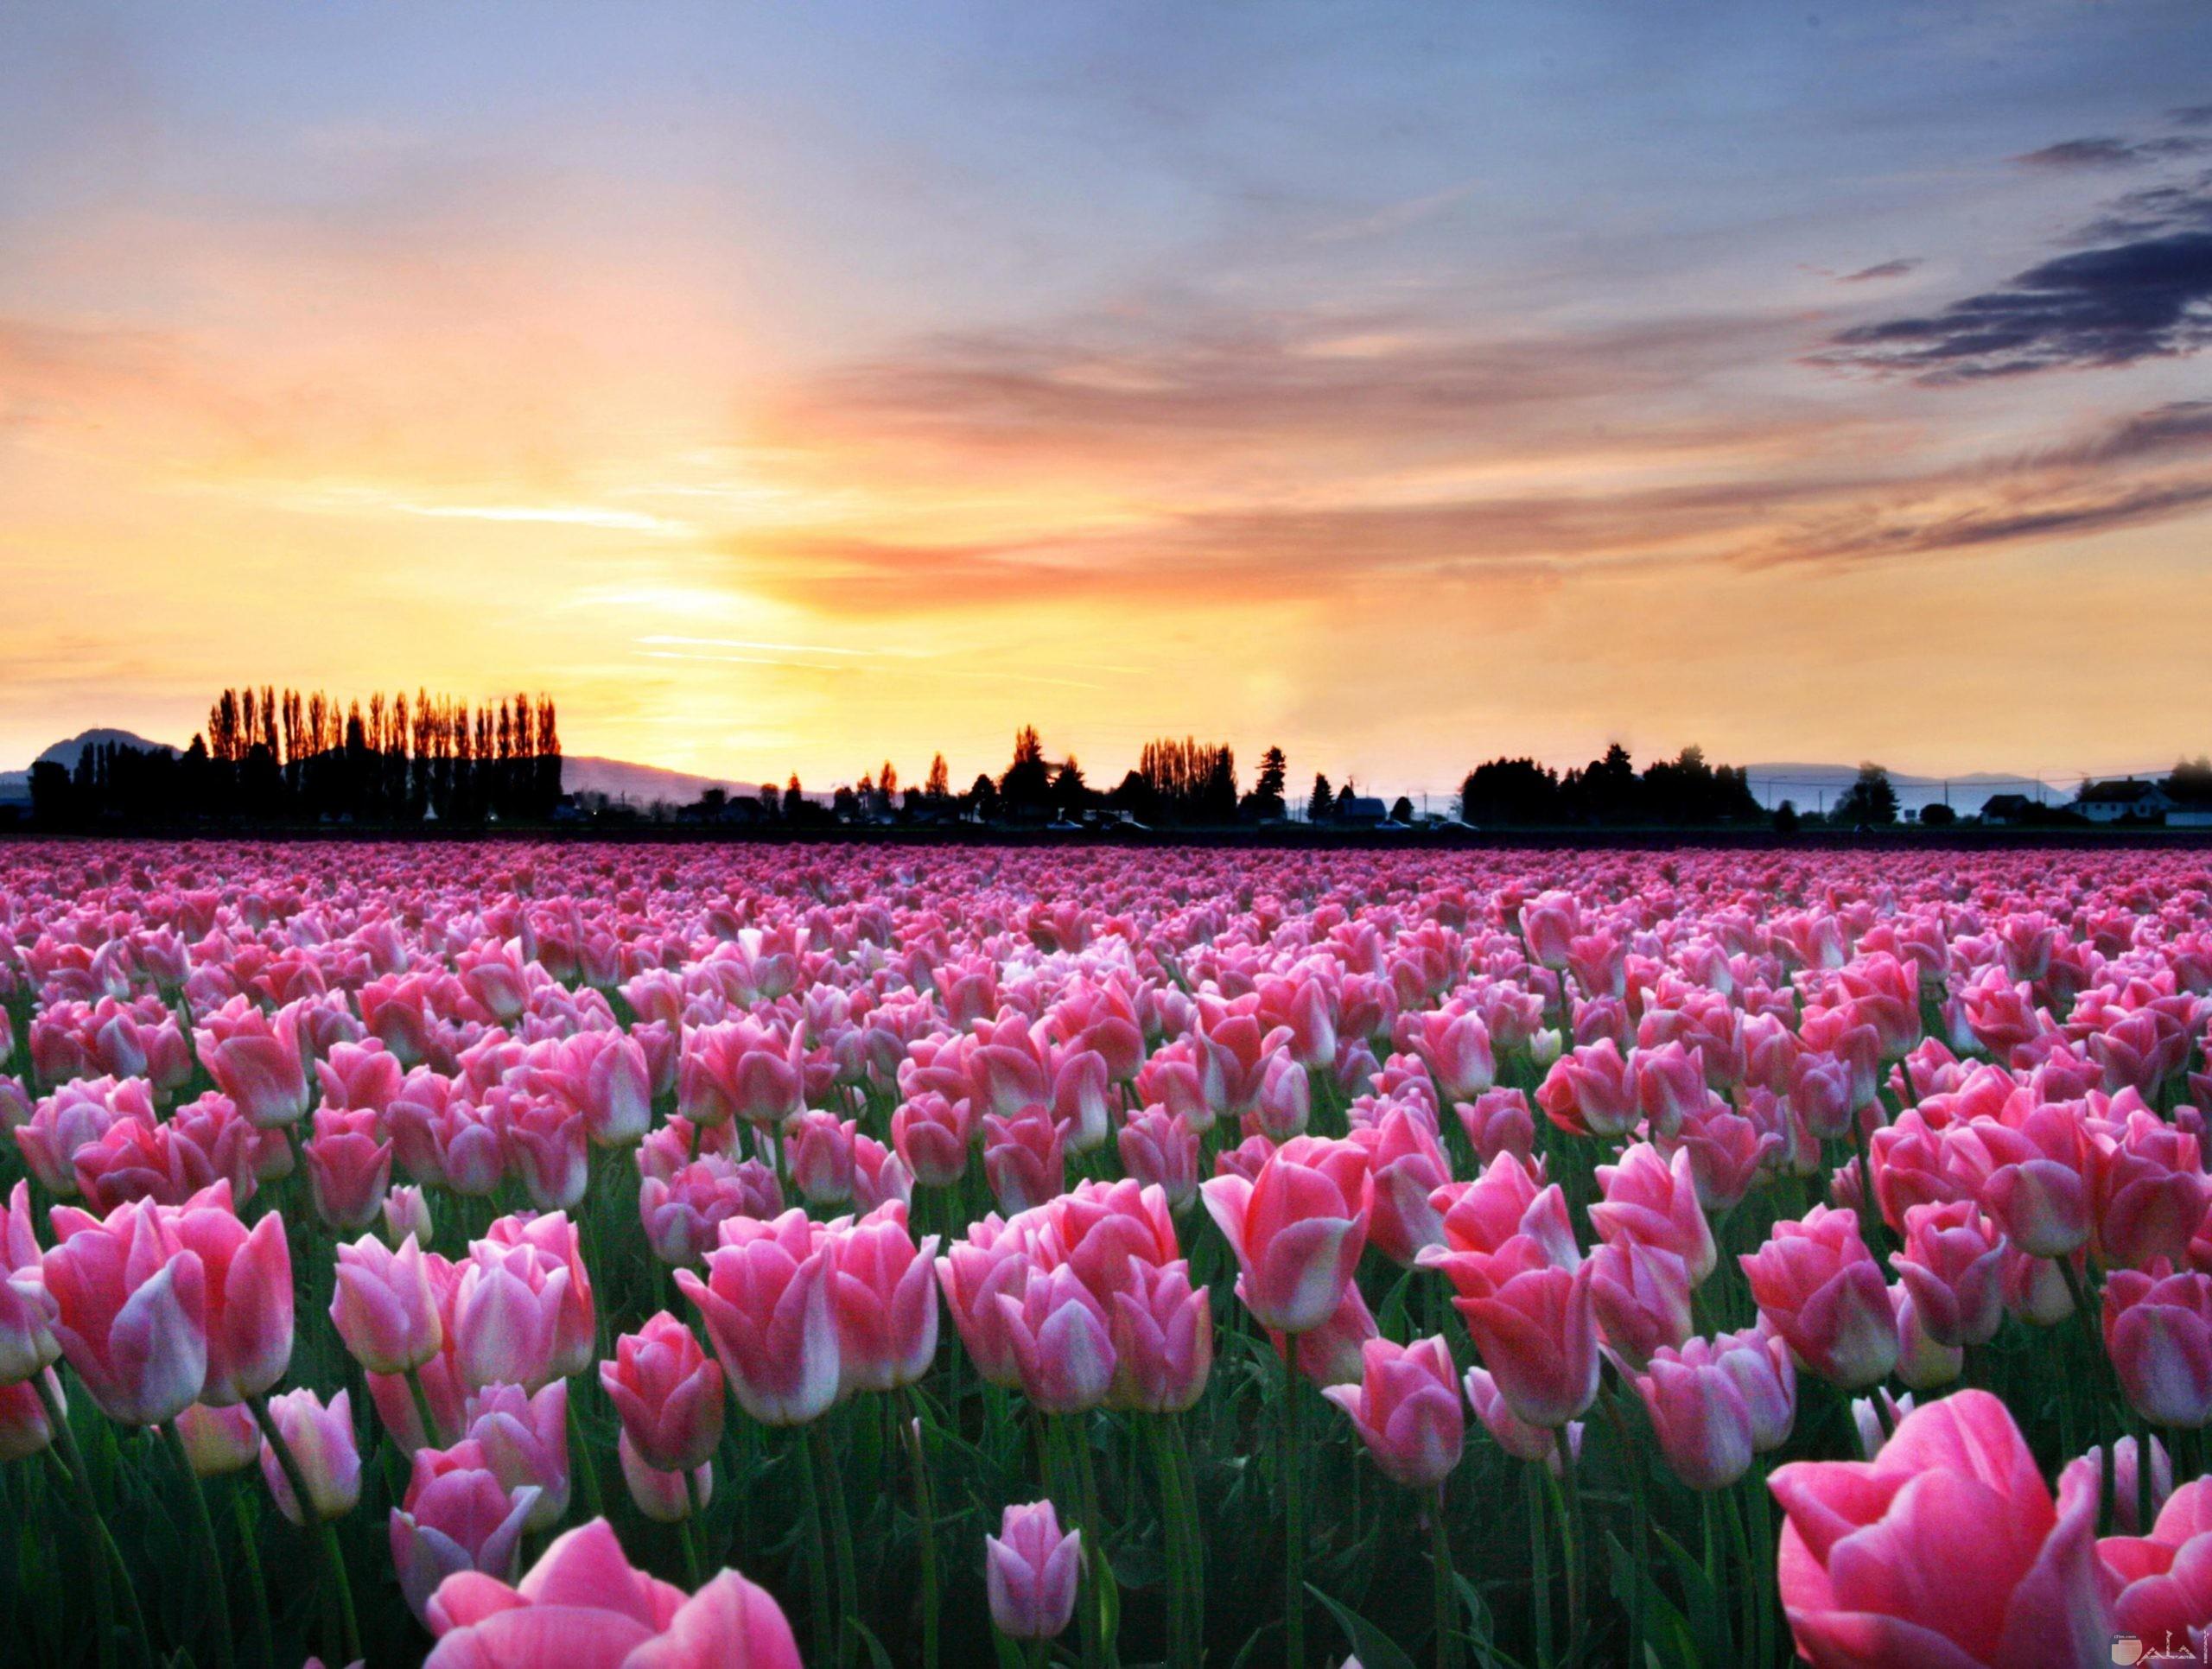 حقول الورد وقت الغروب.